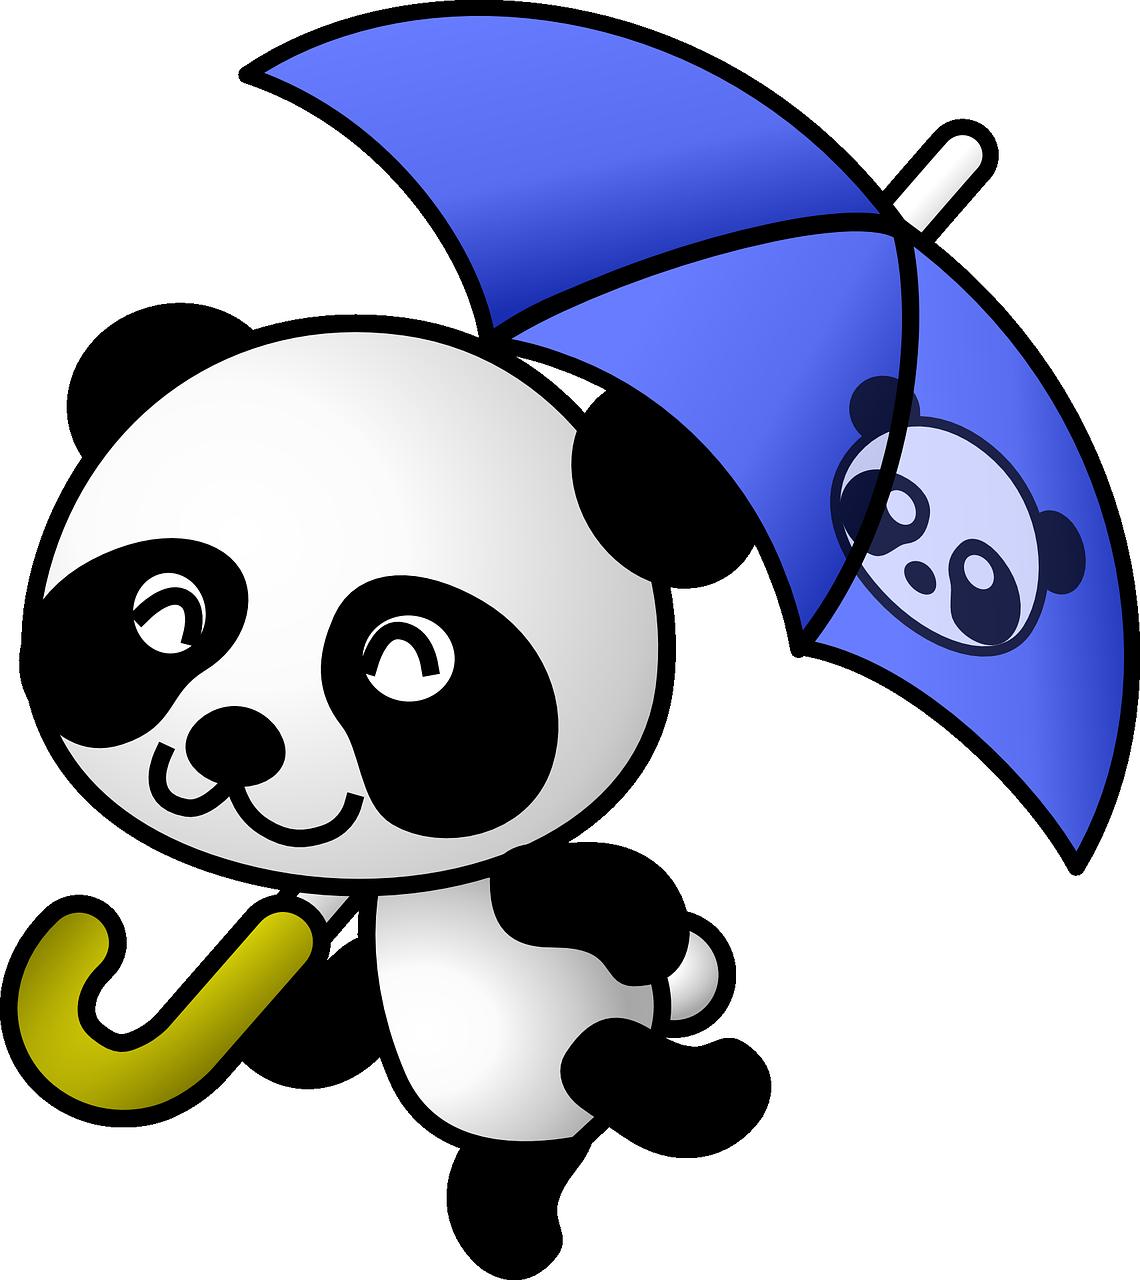 Clipart rain cute. Panda animal umbrella png